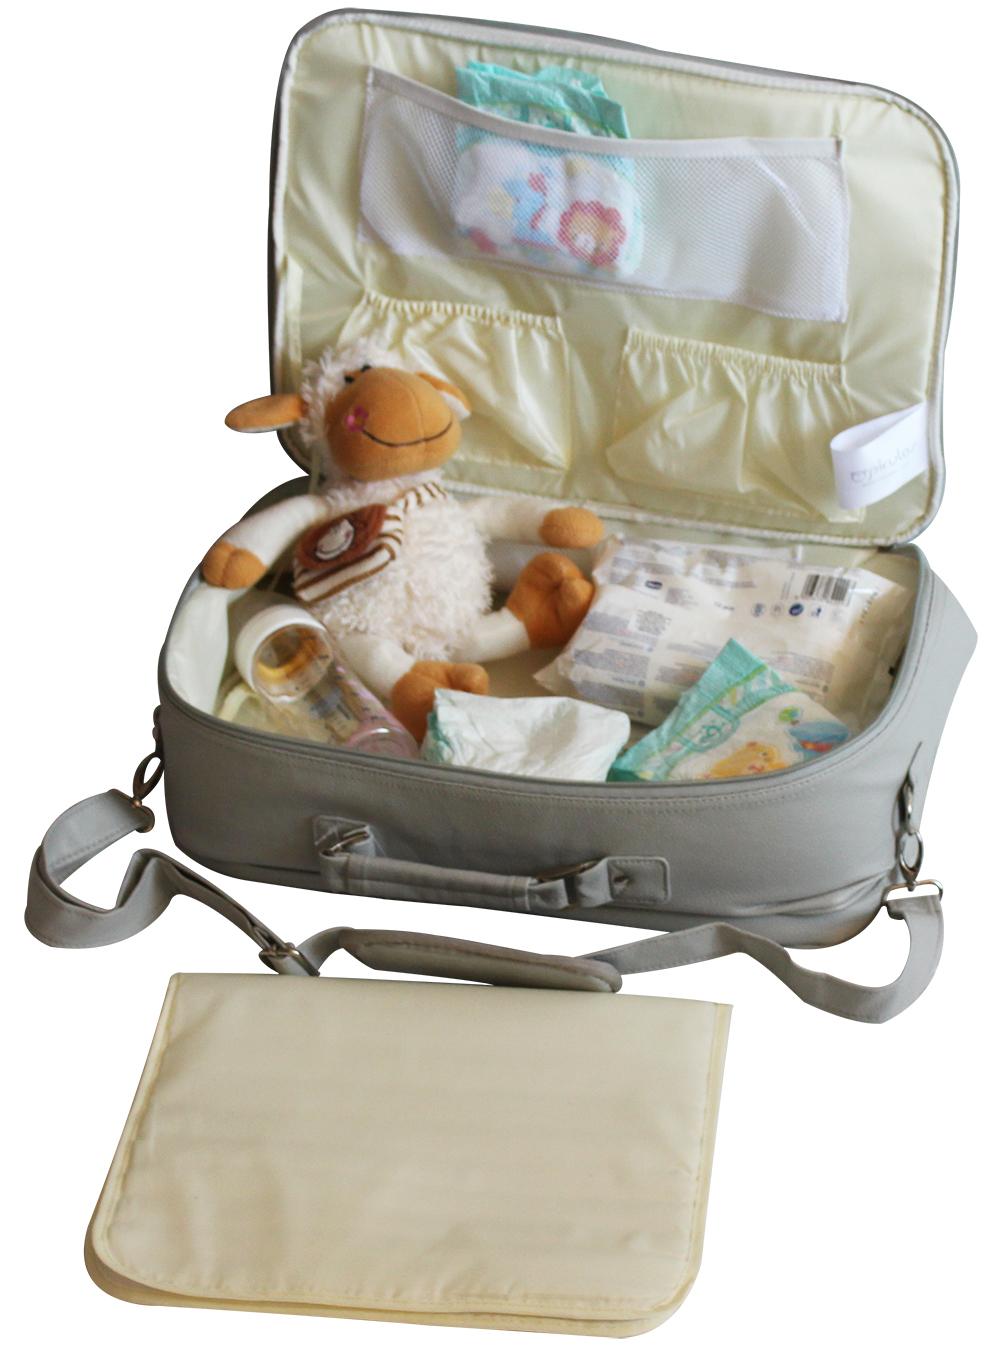 Hastane çantası ile Etiketlenen Konular